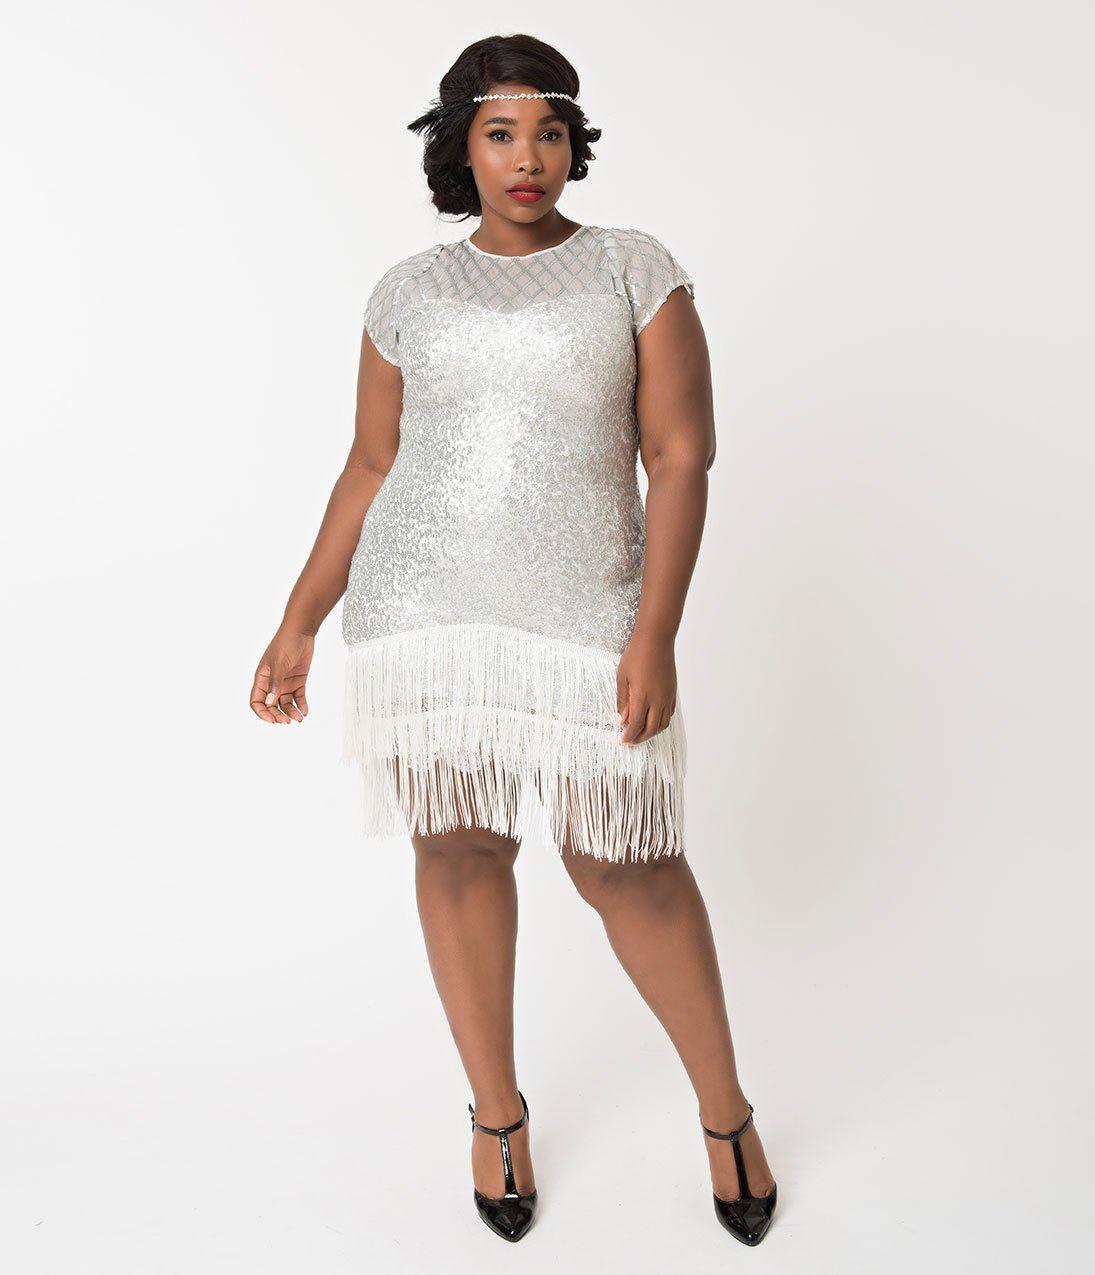 1920s Plus Size Flapper Dresses Gatsby Dresses Flapper Costumes Unique Vintage Style Wedding Dresses Plus Size Flapper Dress Vintage Inspired Wedding Dresses [ 1275 x 1095 Pixel ]